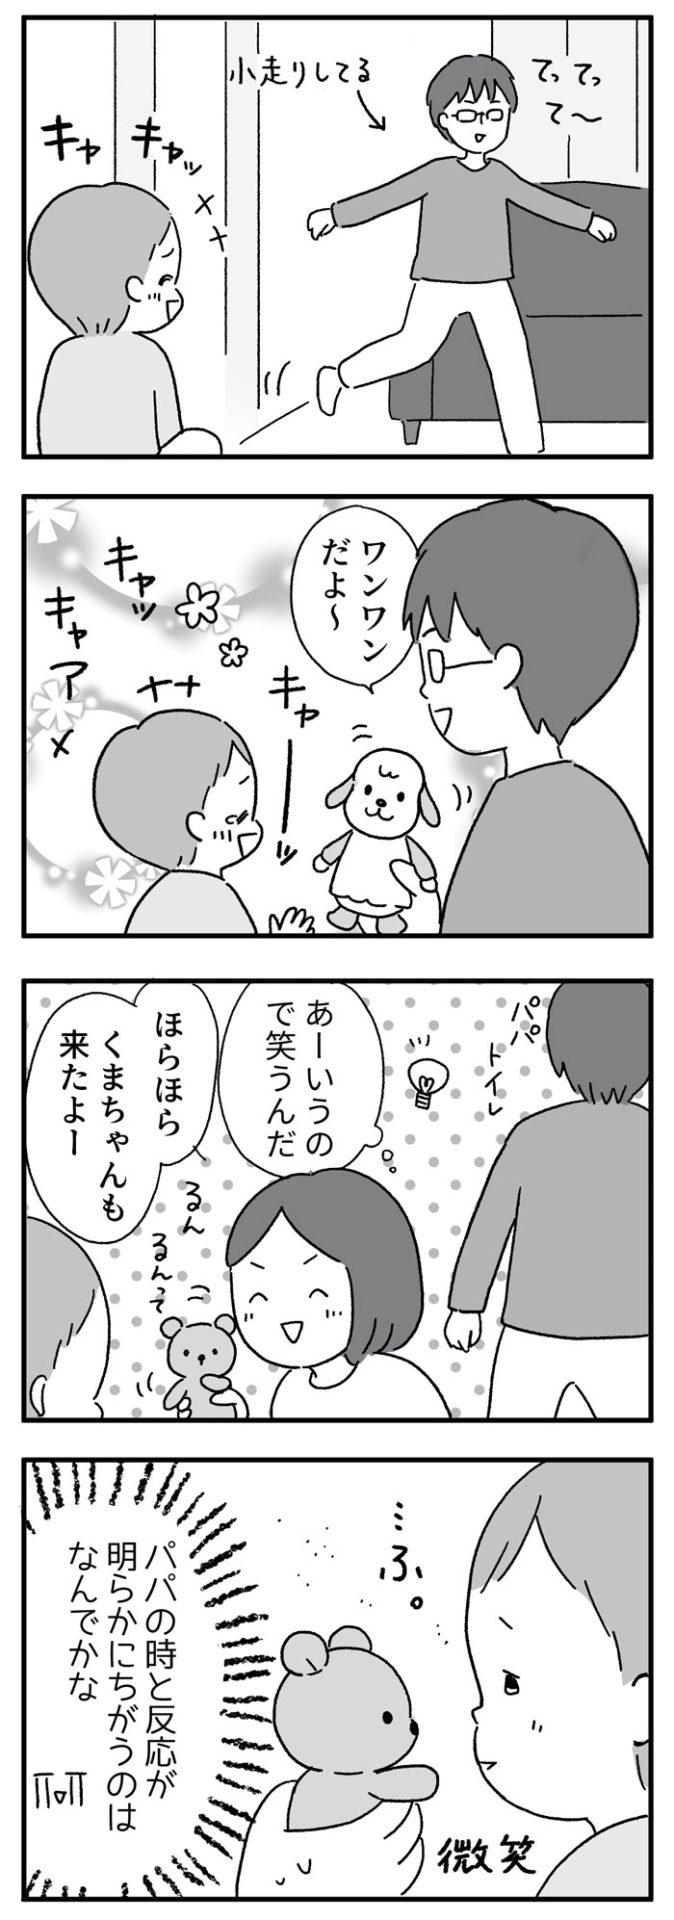 パパとママの反応の差